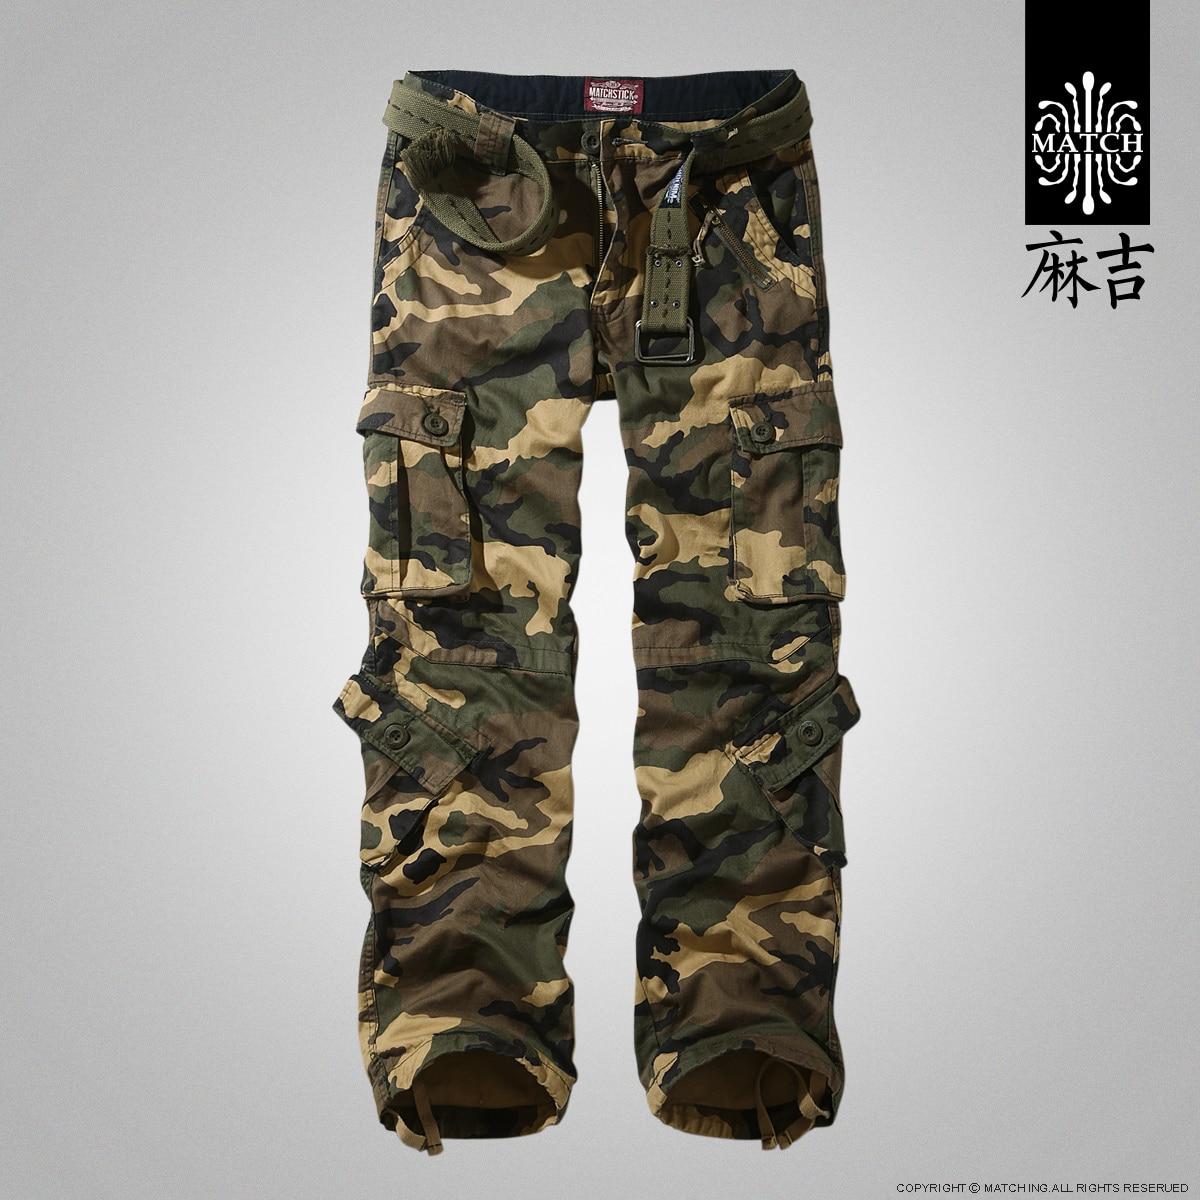 smmc05 Hmc03 3316mc Combat Nouvelle Arrivée mjmc06 jm02 Militaire Pantalon Lâche Camouflage Plus Armée La Printemps Taille Cargo km01 Hommes hmc04 Poches Long 2016 Match Pour Multi qBw45H